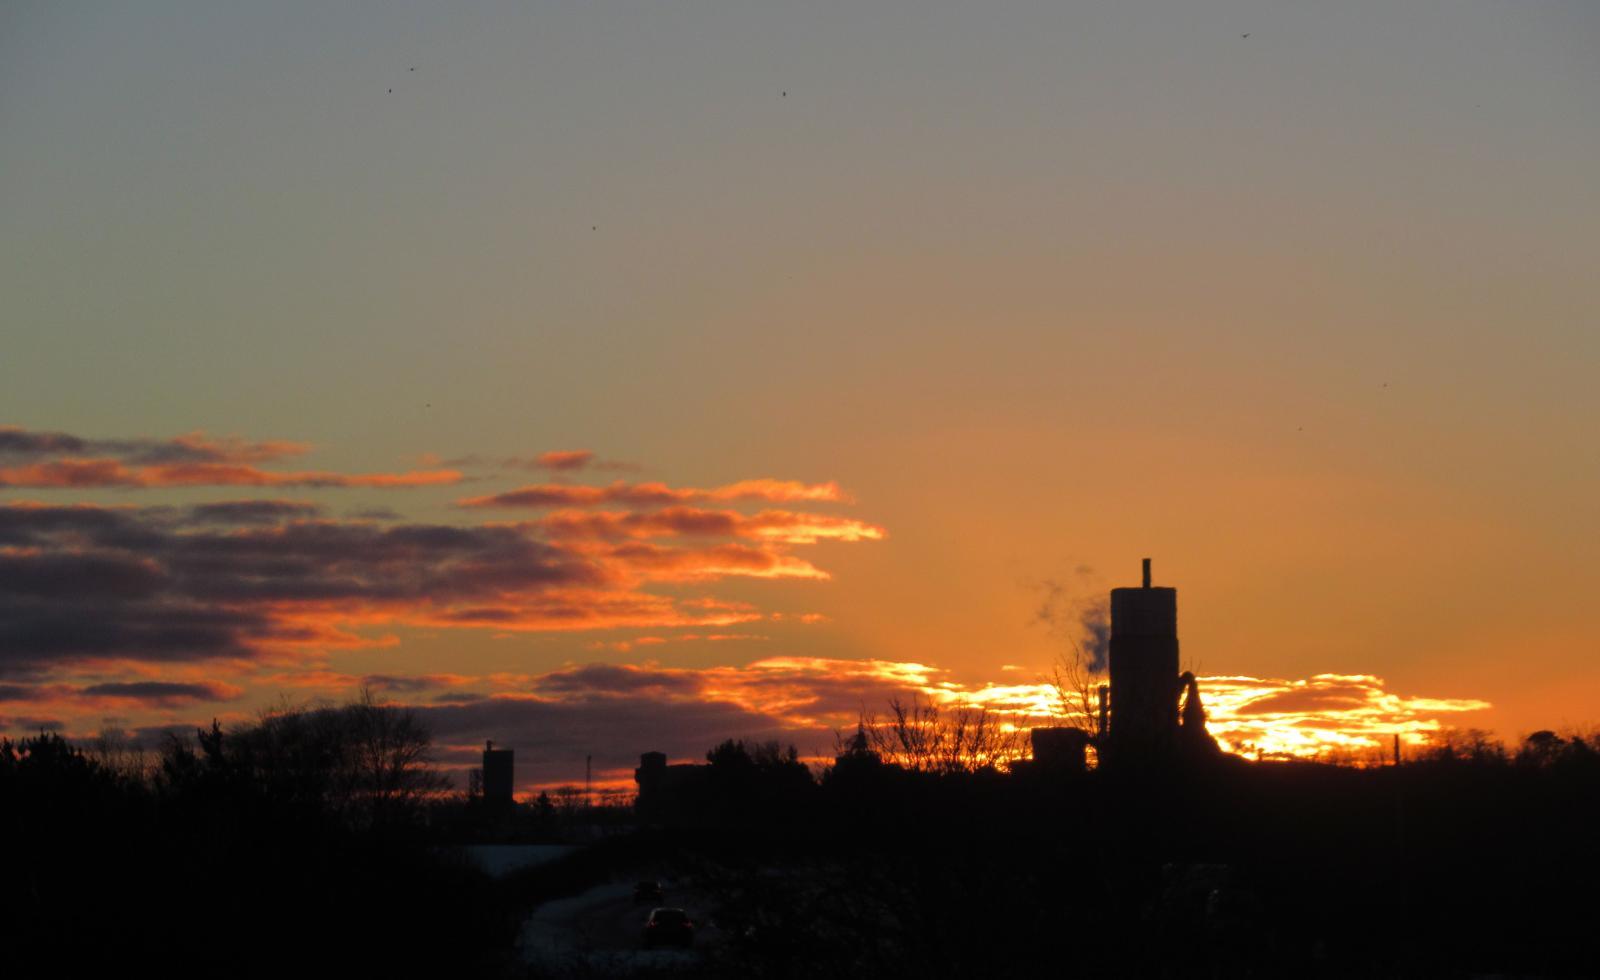 sunset clouds sunrise